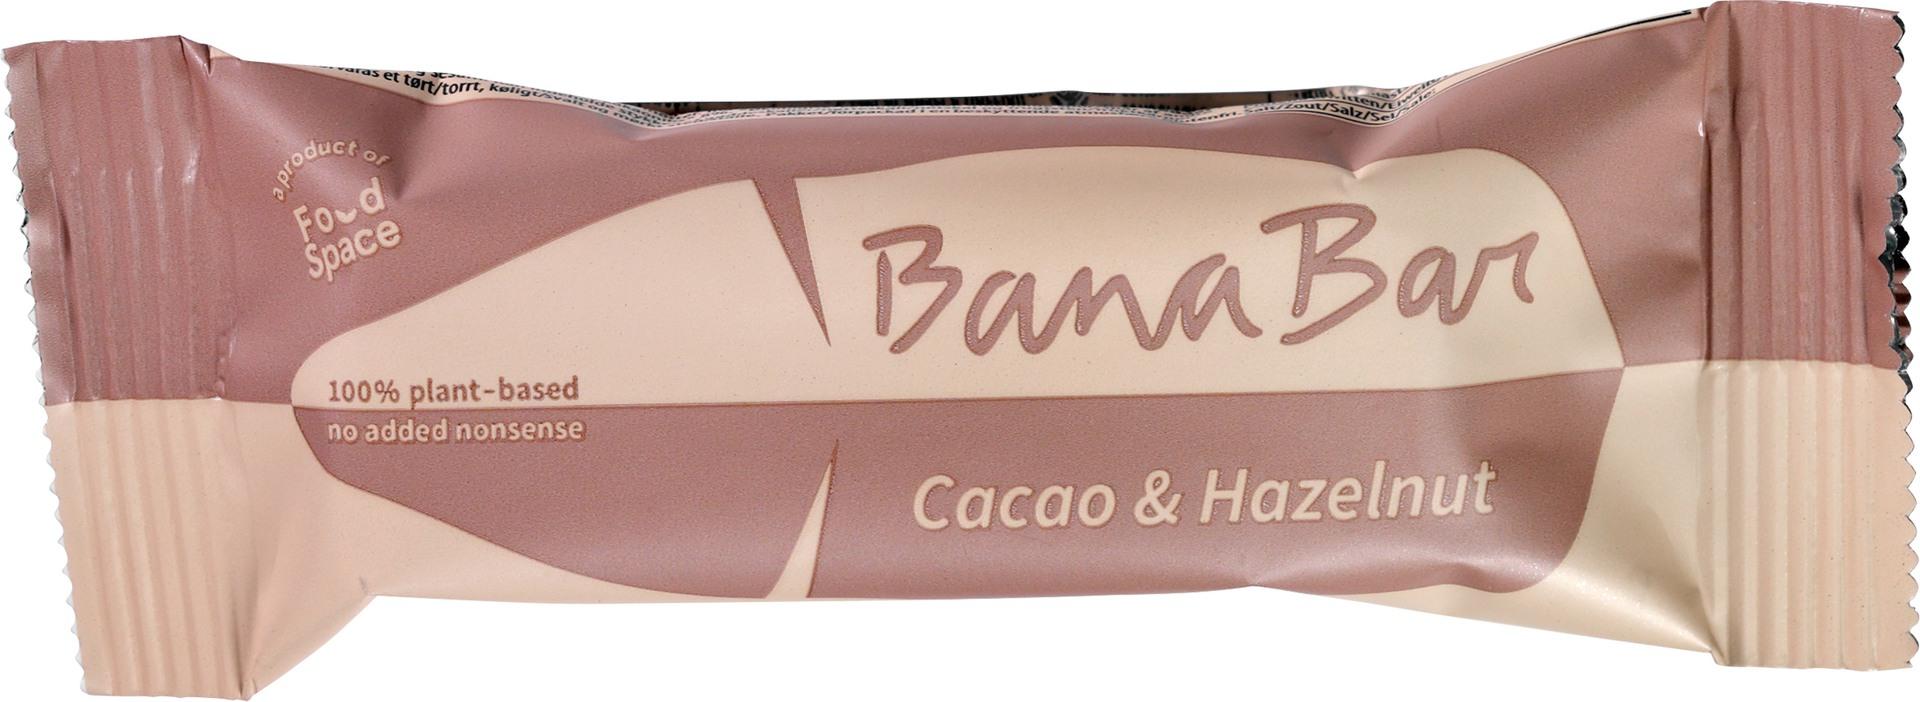 Biologische Banabar Cacao & Hazelnut banana bar 40 g